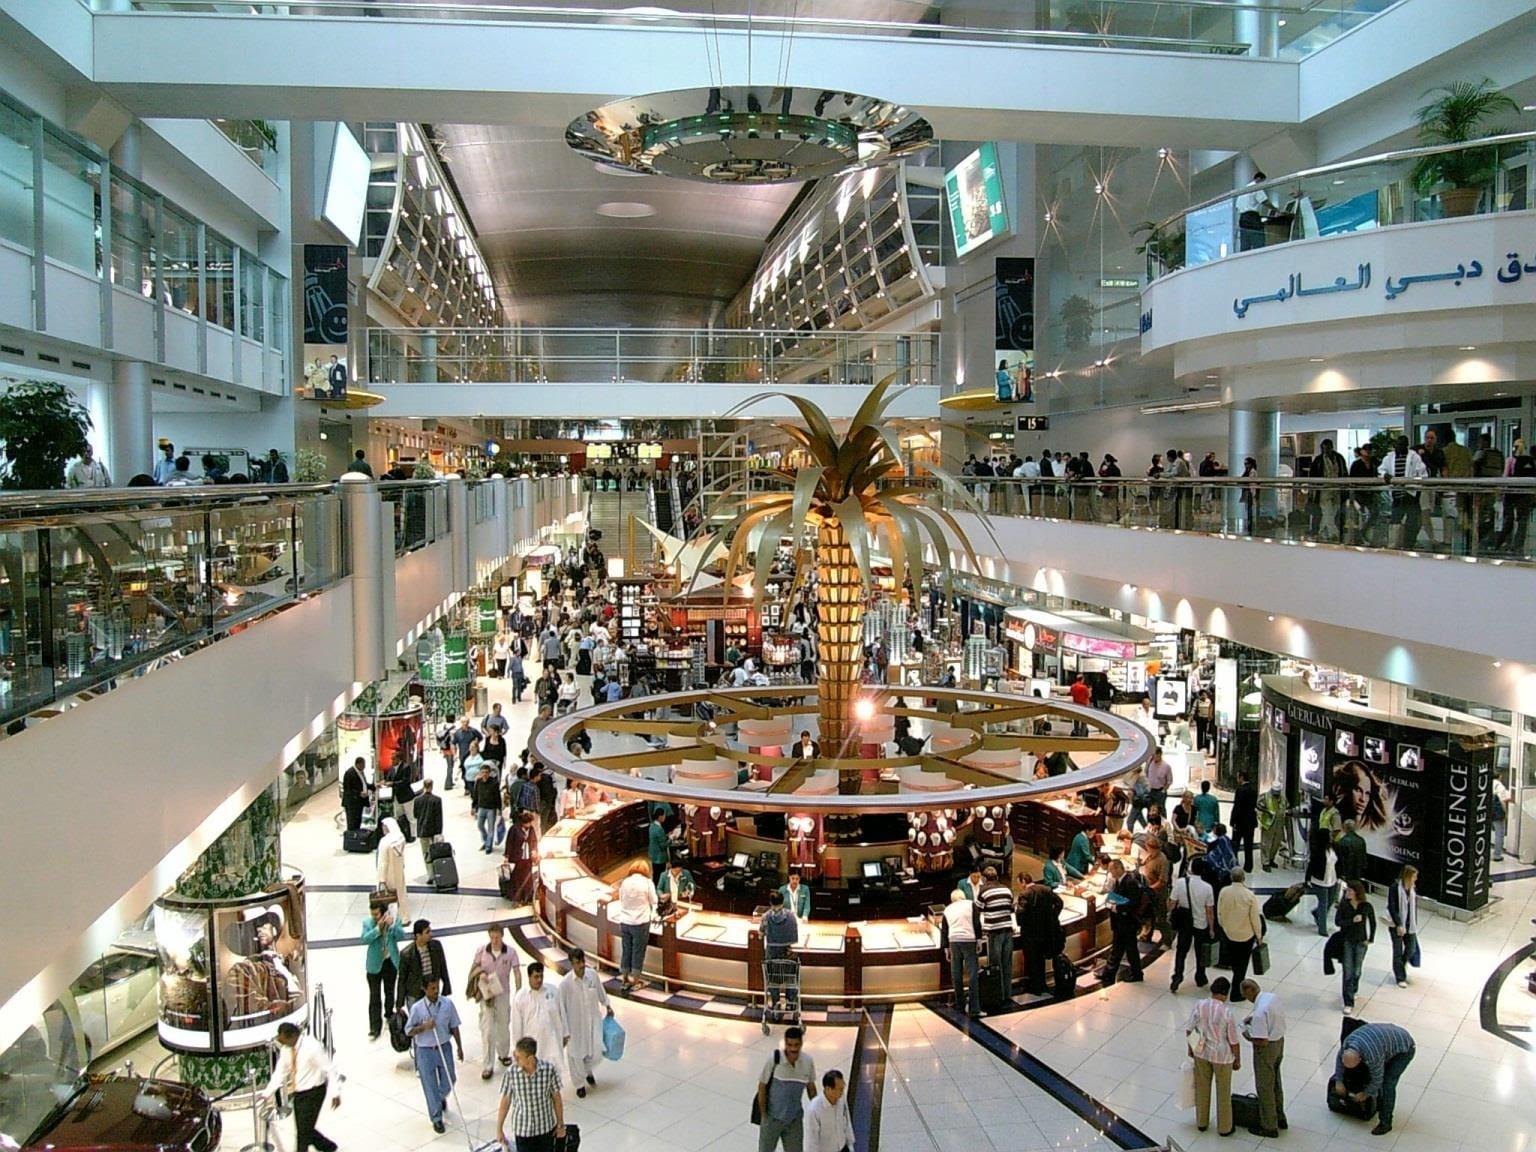 kinh tế dubai, nền kinh tế dubai, nền kinh tế của dubai, sự thật kinh tế dubai, kinh tế ở dubai